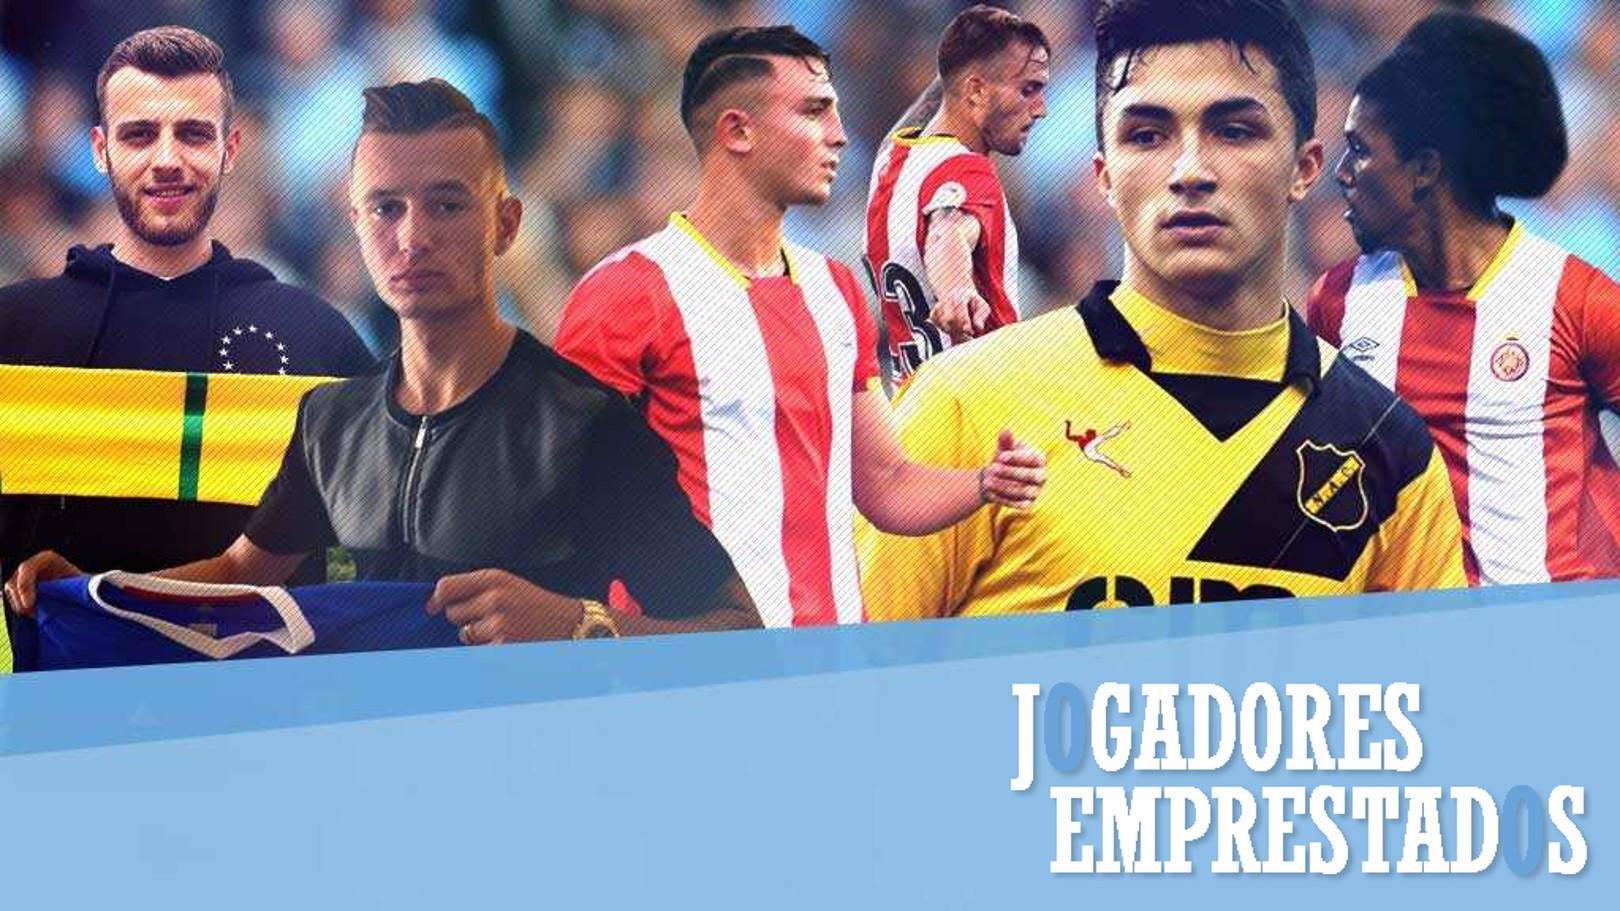 Jogadores Emprestados: Trio do City em campo